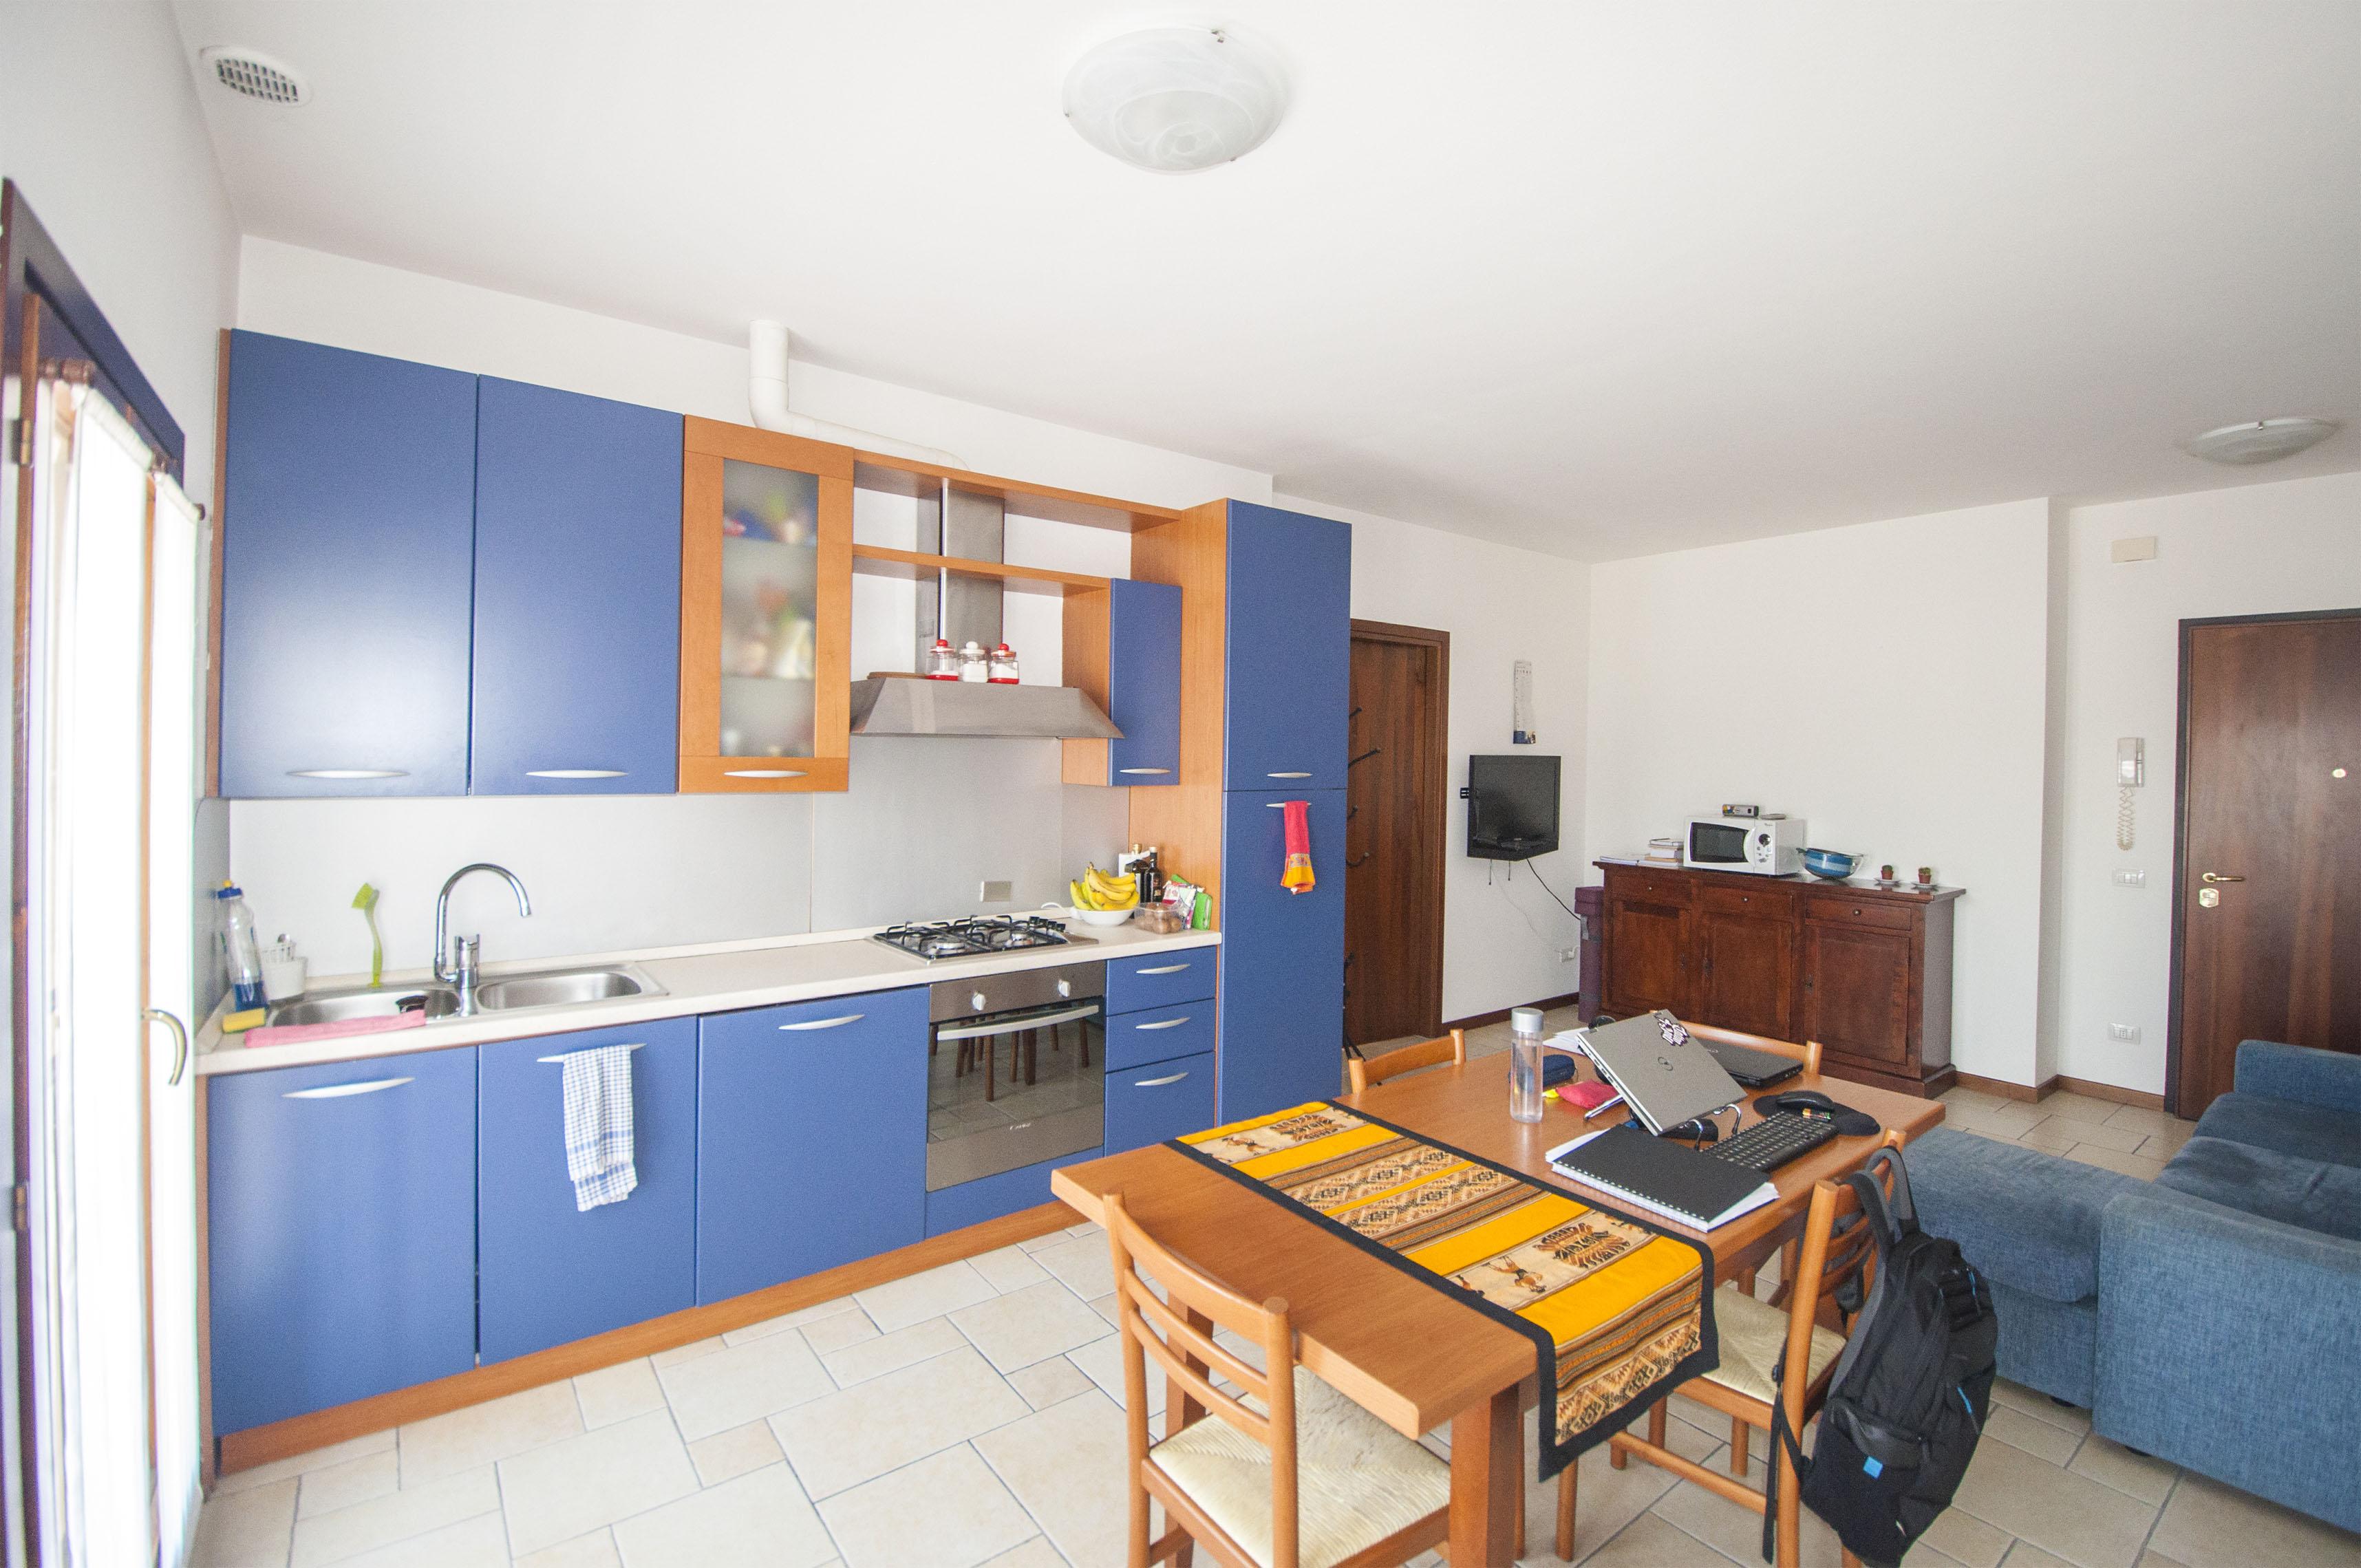 Camere-in-affitto-Villorba-Treviso-Ospedale-Stazione-Studio-Architettura-Zanatta_06